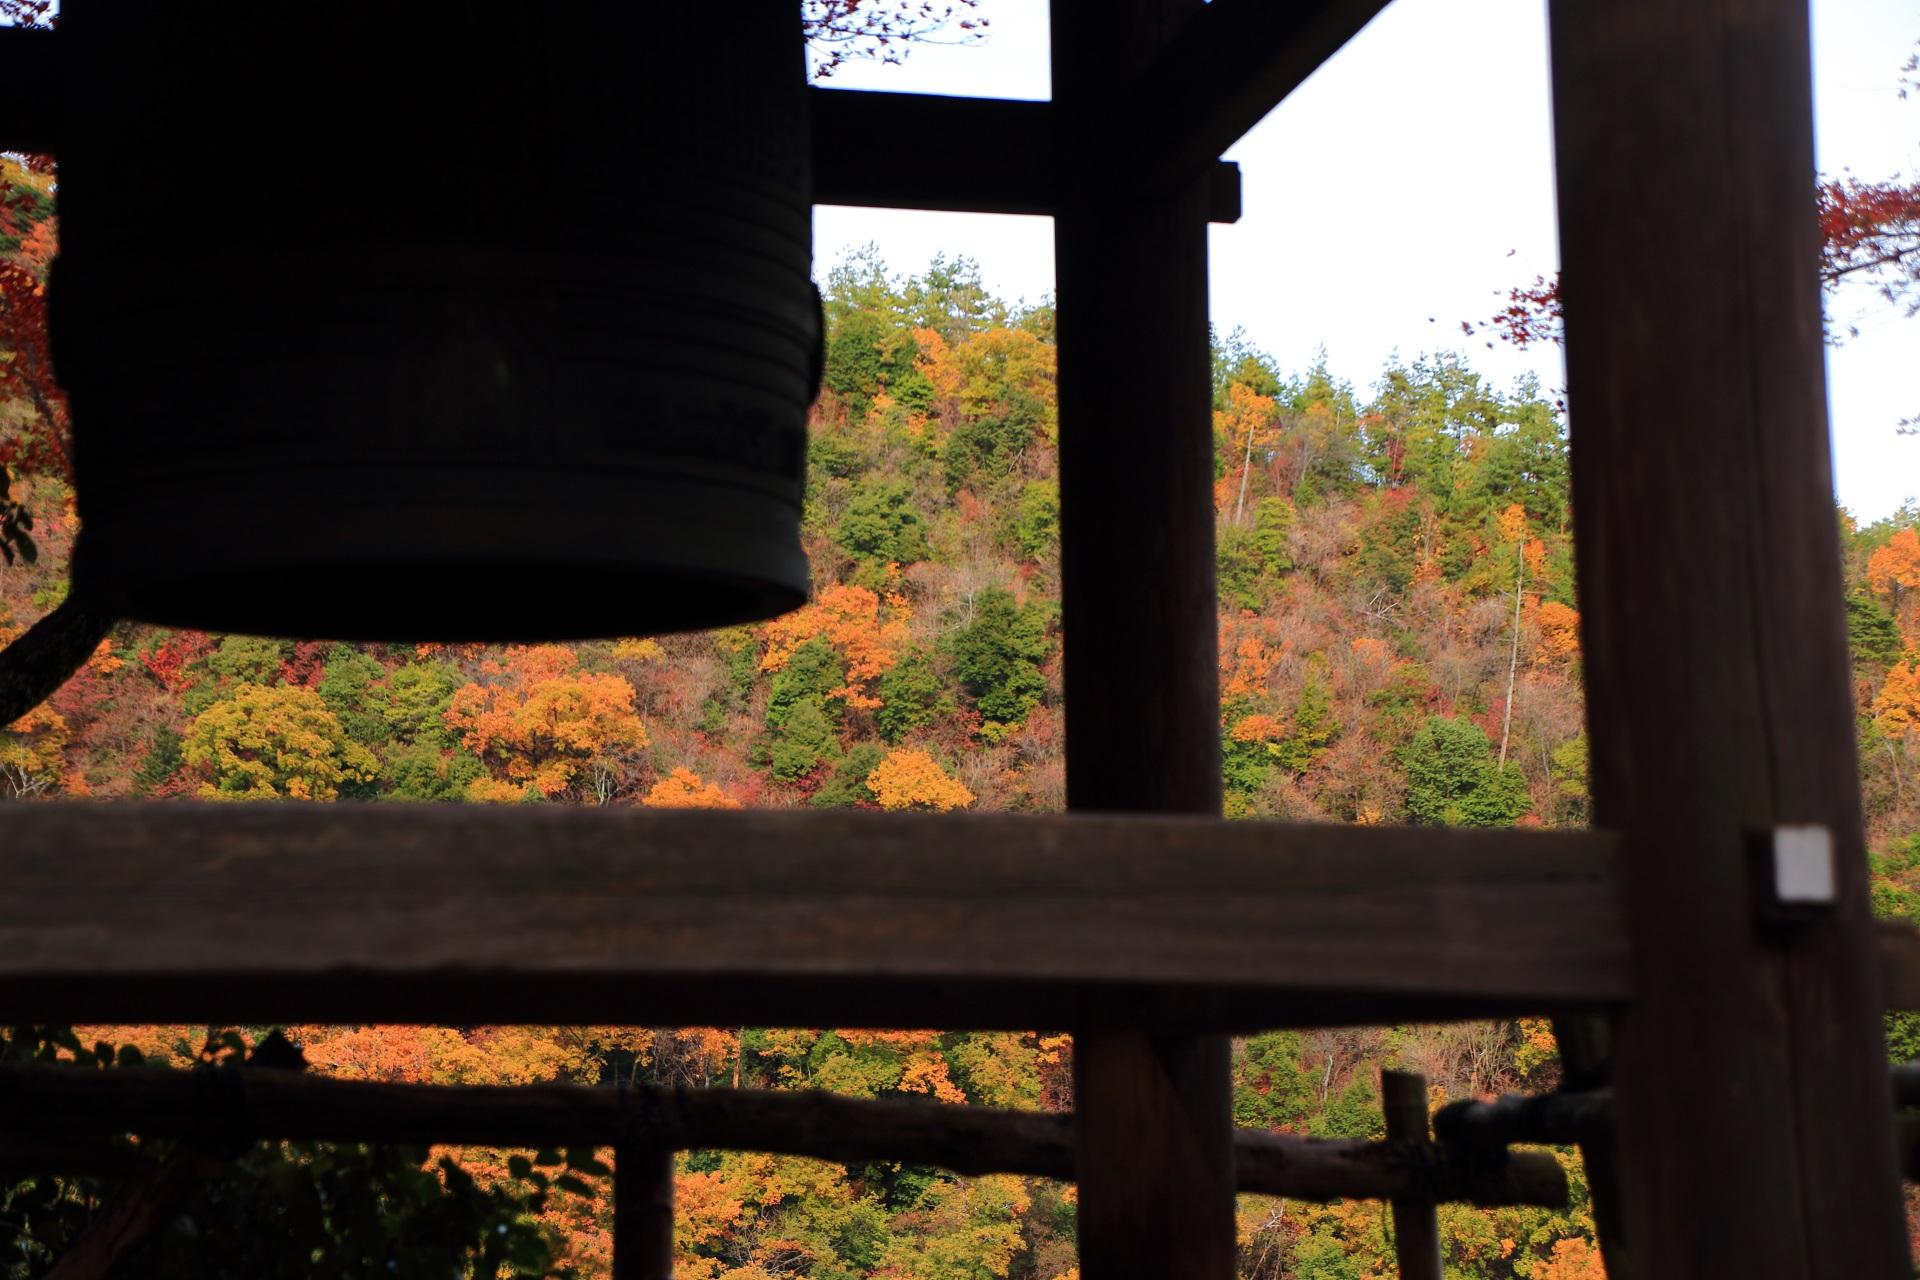 大悲閣千光寺の鐘楼から見える対岸の嵐山の紅葉